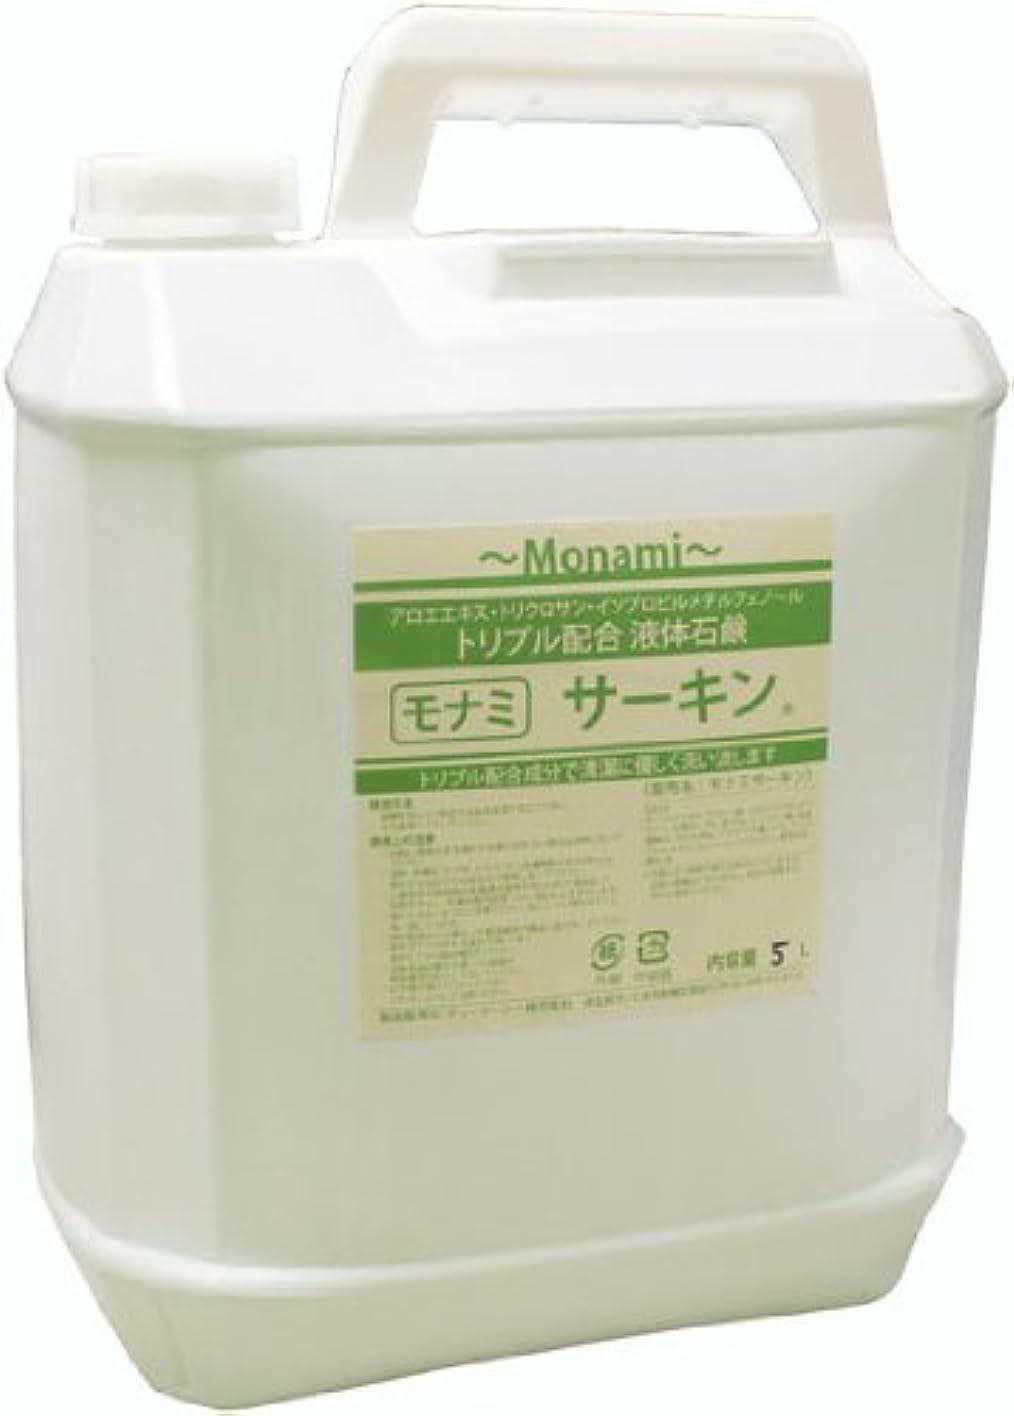 バックアップ過言意外保湿剤配合業務用液体ソープ「モナミ サーキン5L」アロエエキス、トリクロサン、イソプロピルメチルフェノール配合